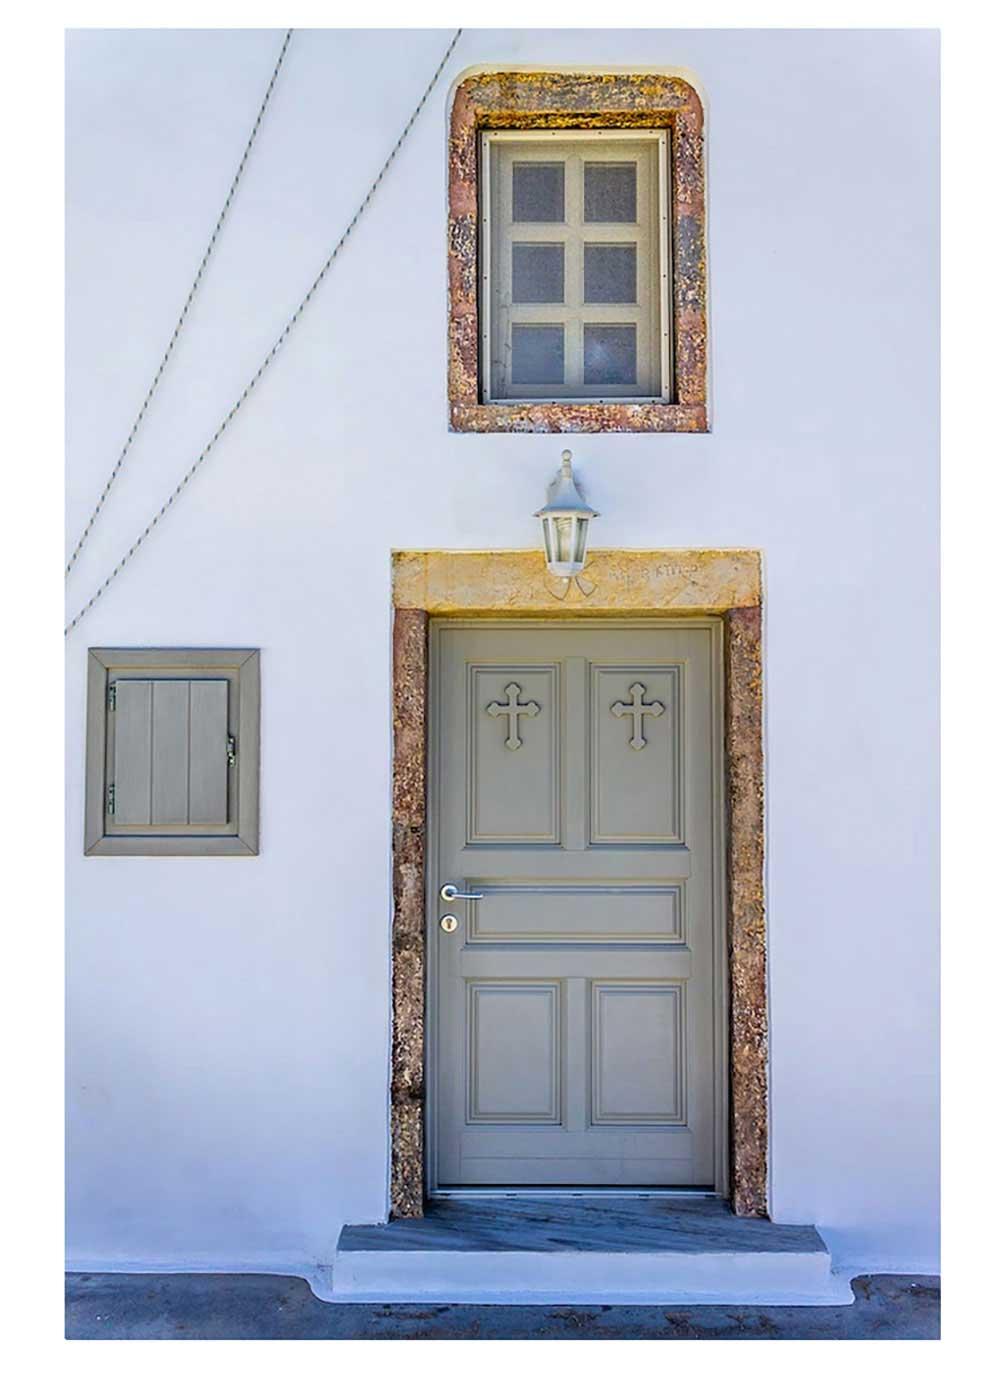 Pyrgos Callistis chapel door, Santorini, Allison Bierman